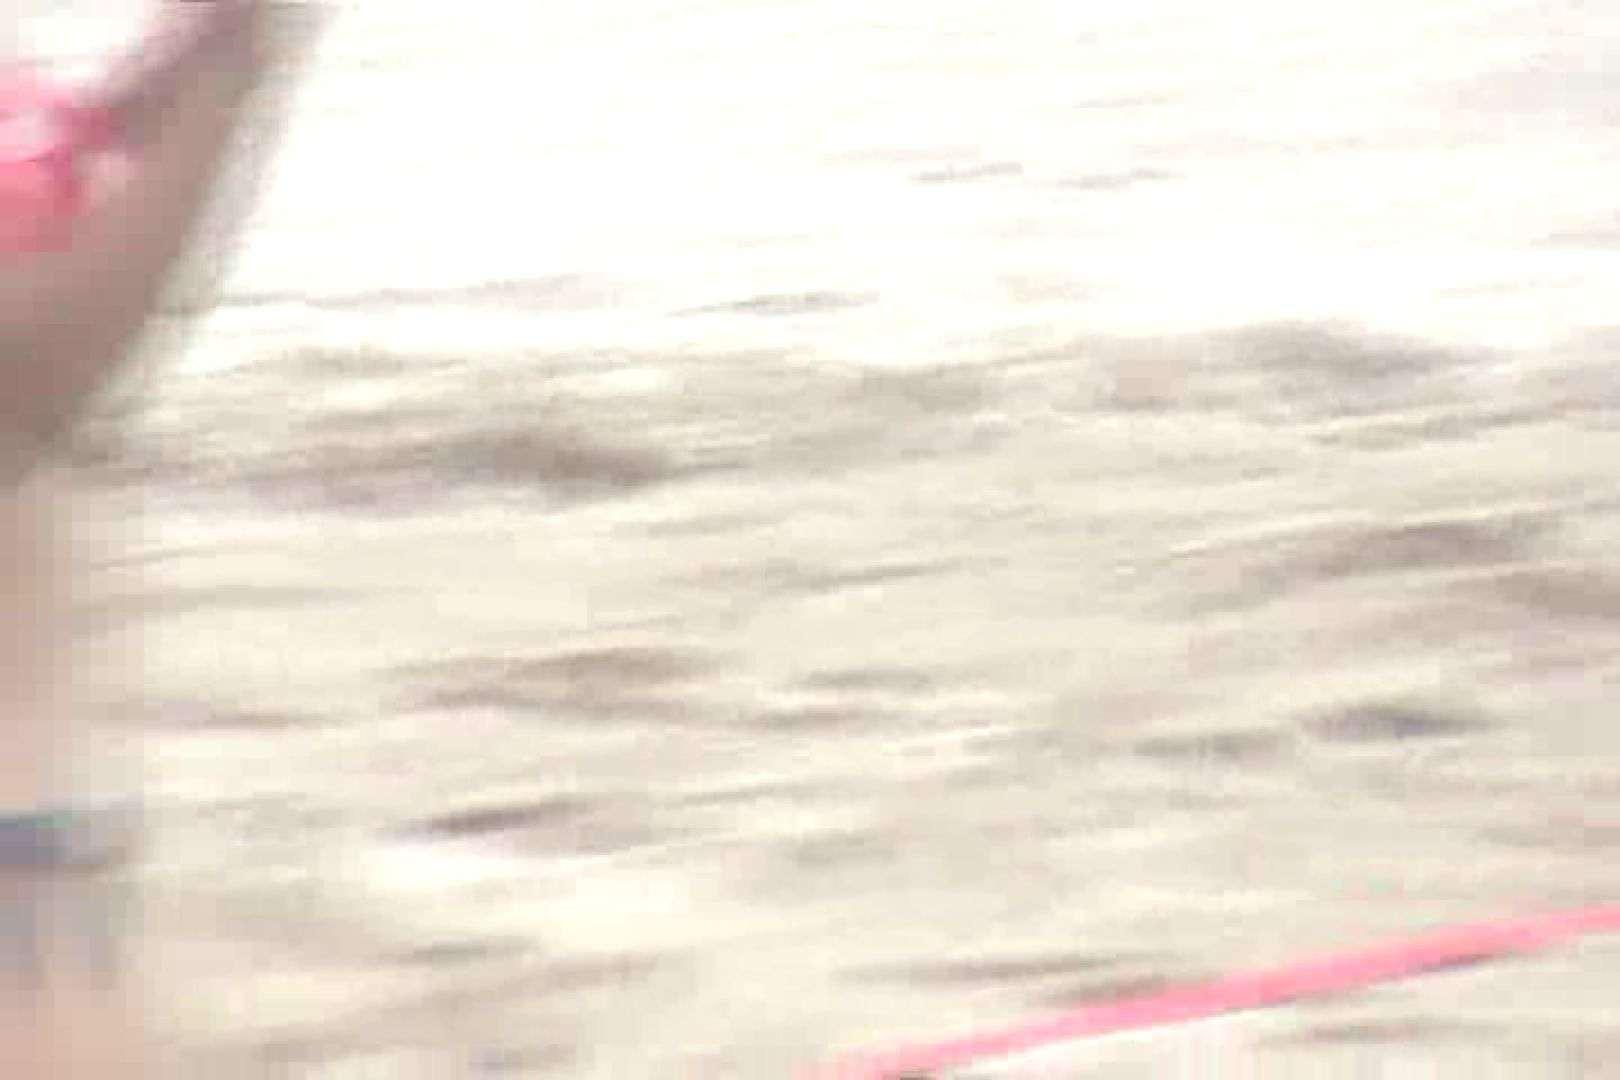 激しく揺れろ!!JDBBVol.1 水着 | ぱっくり下半身  77画像 49